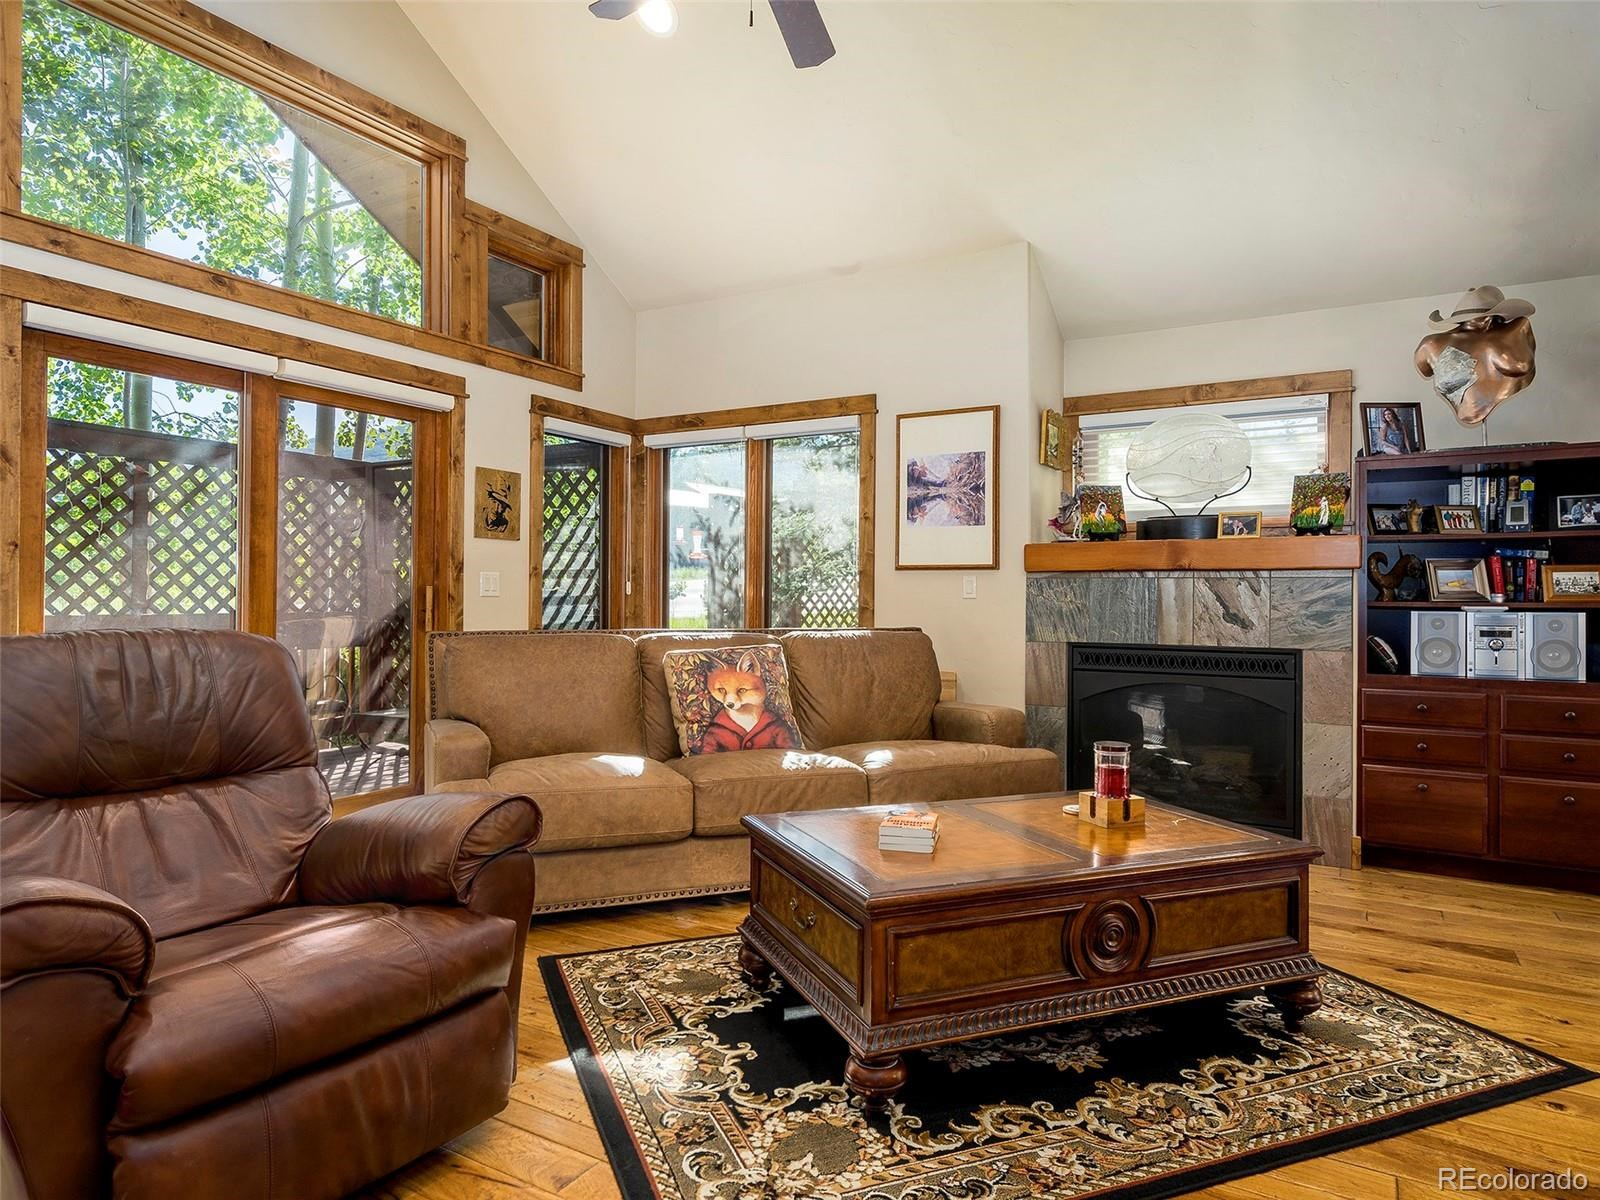 MLS# 5058824 - 2 - 949 Palo Verde Lane, Steamboat Springs, CO 80487